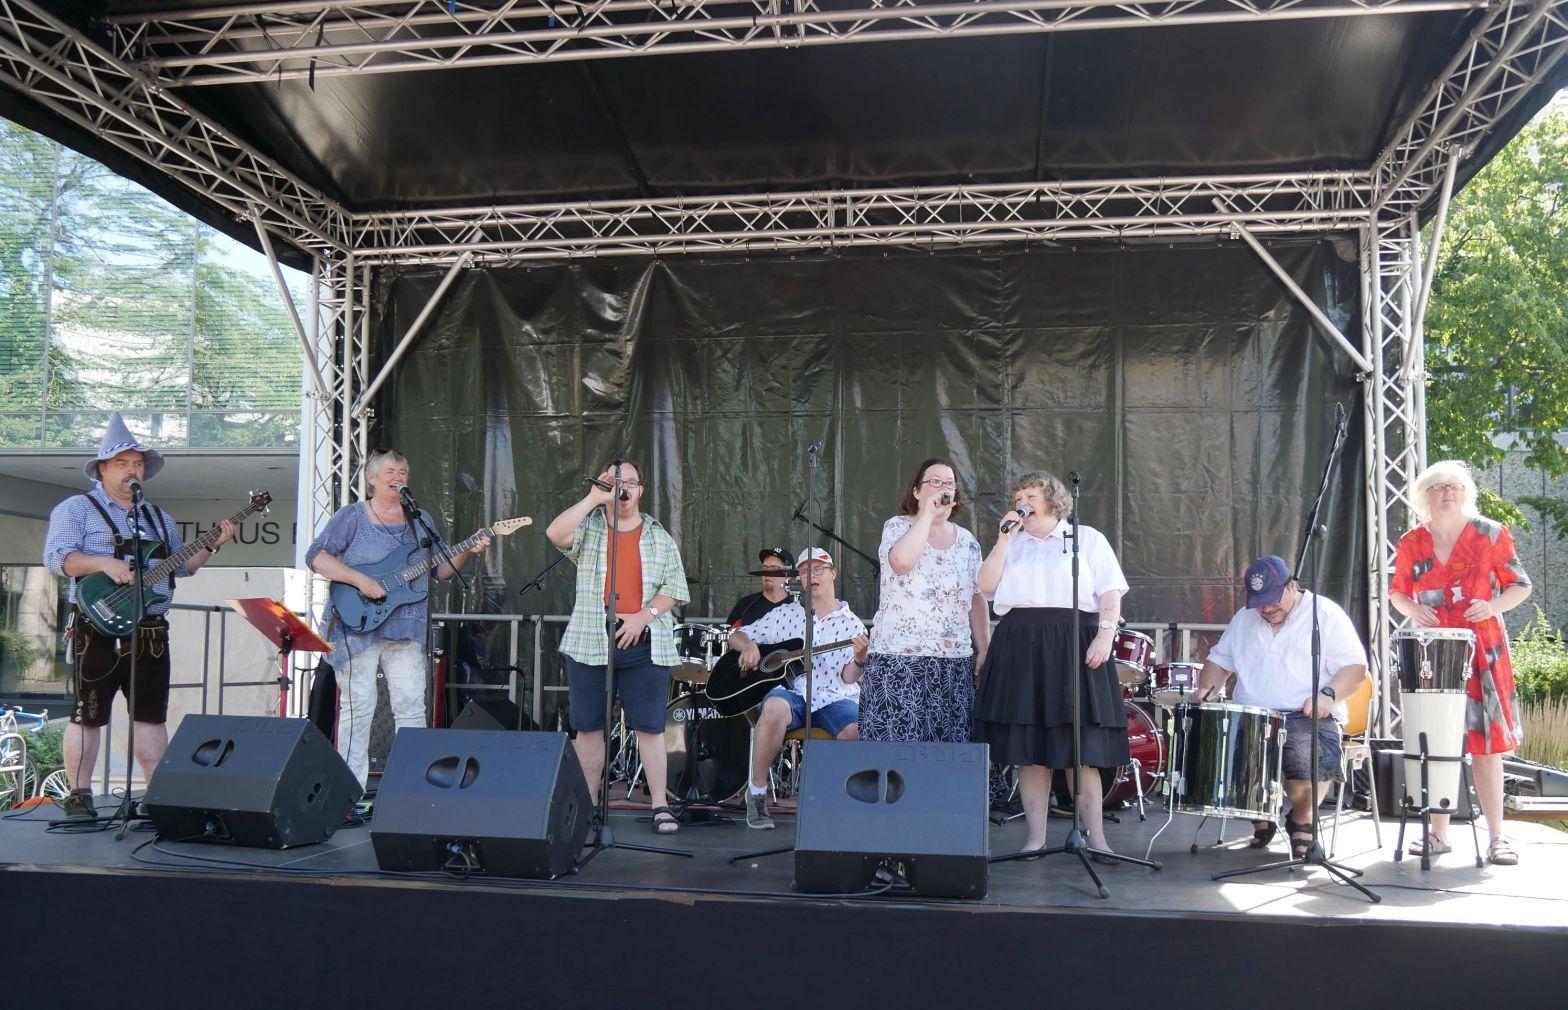 Neun Mitglieder der Band Honey Sweet & The 7 Ups auf einer Freilichtbühne live beim Auftritt